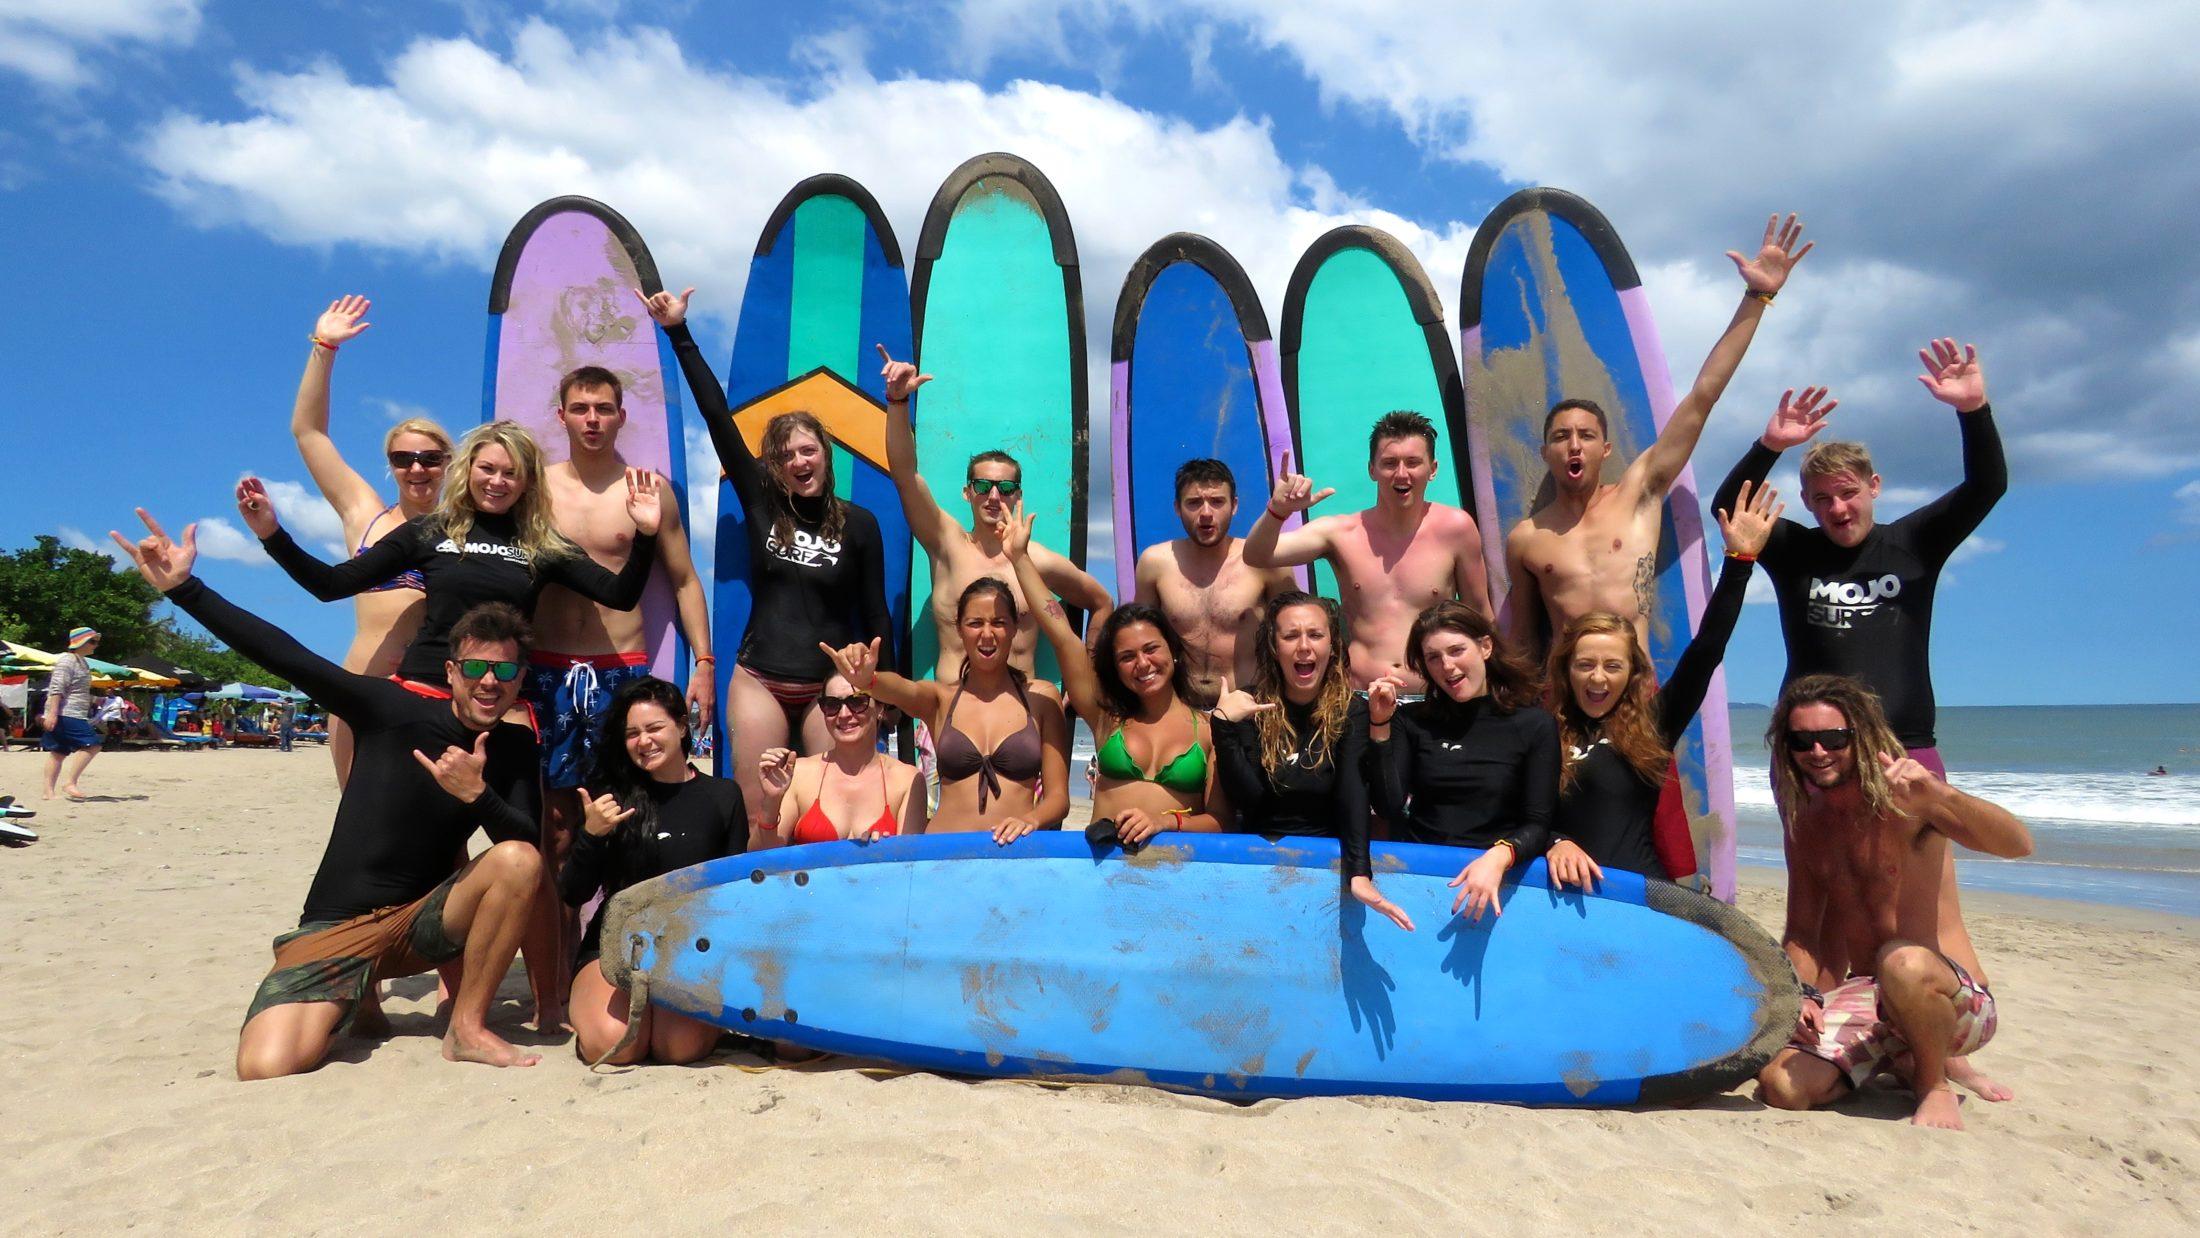 Gruppebillede af surfere på stranden